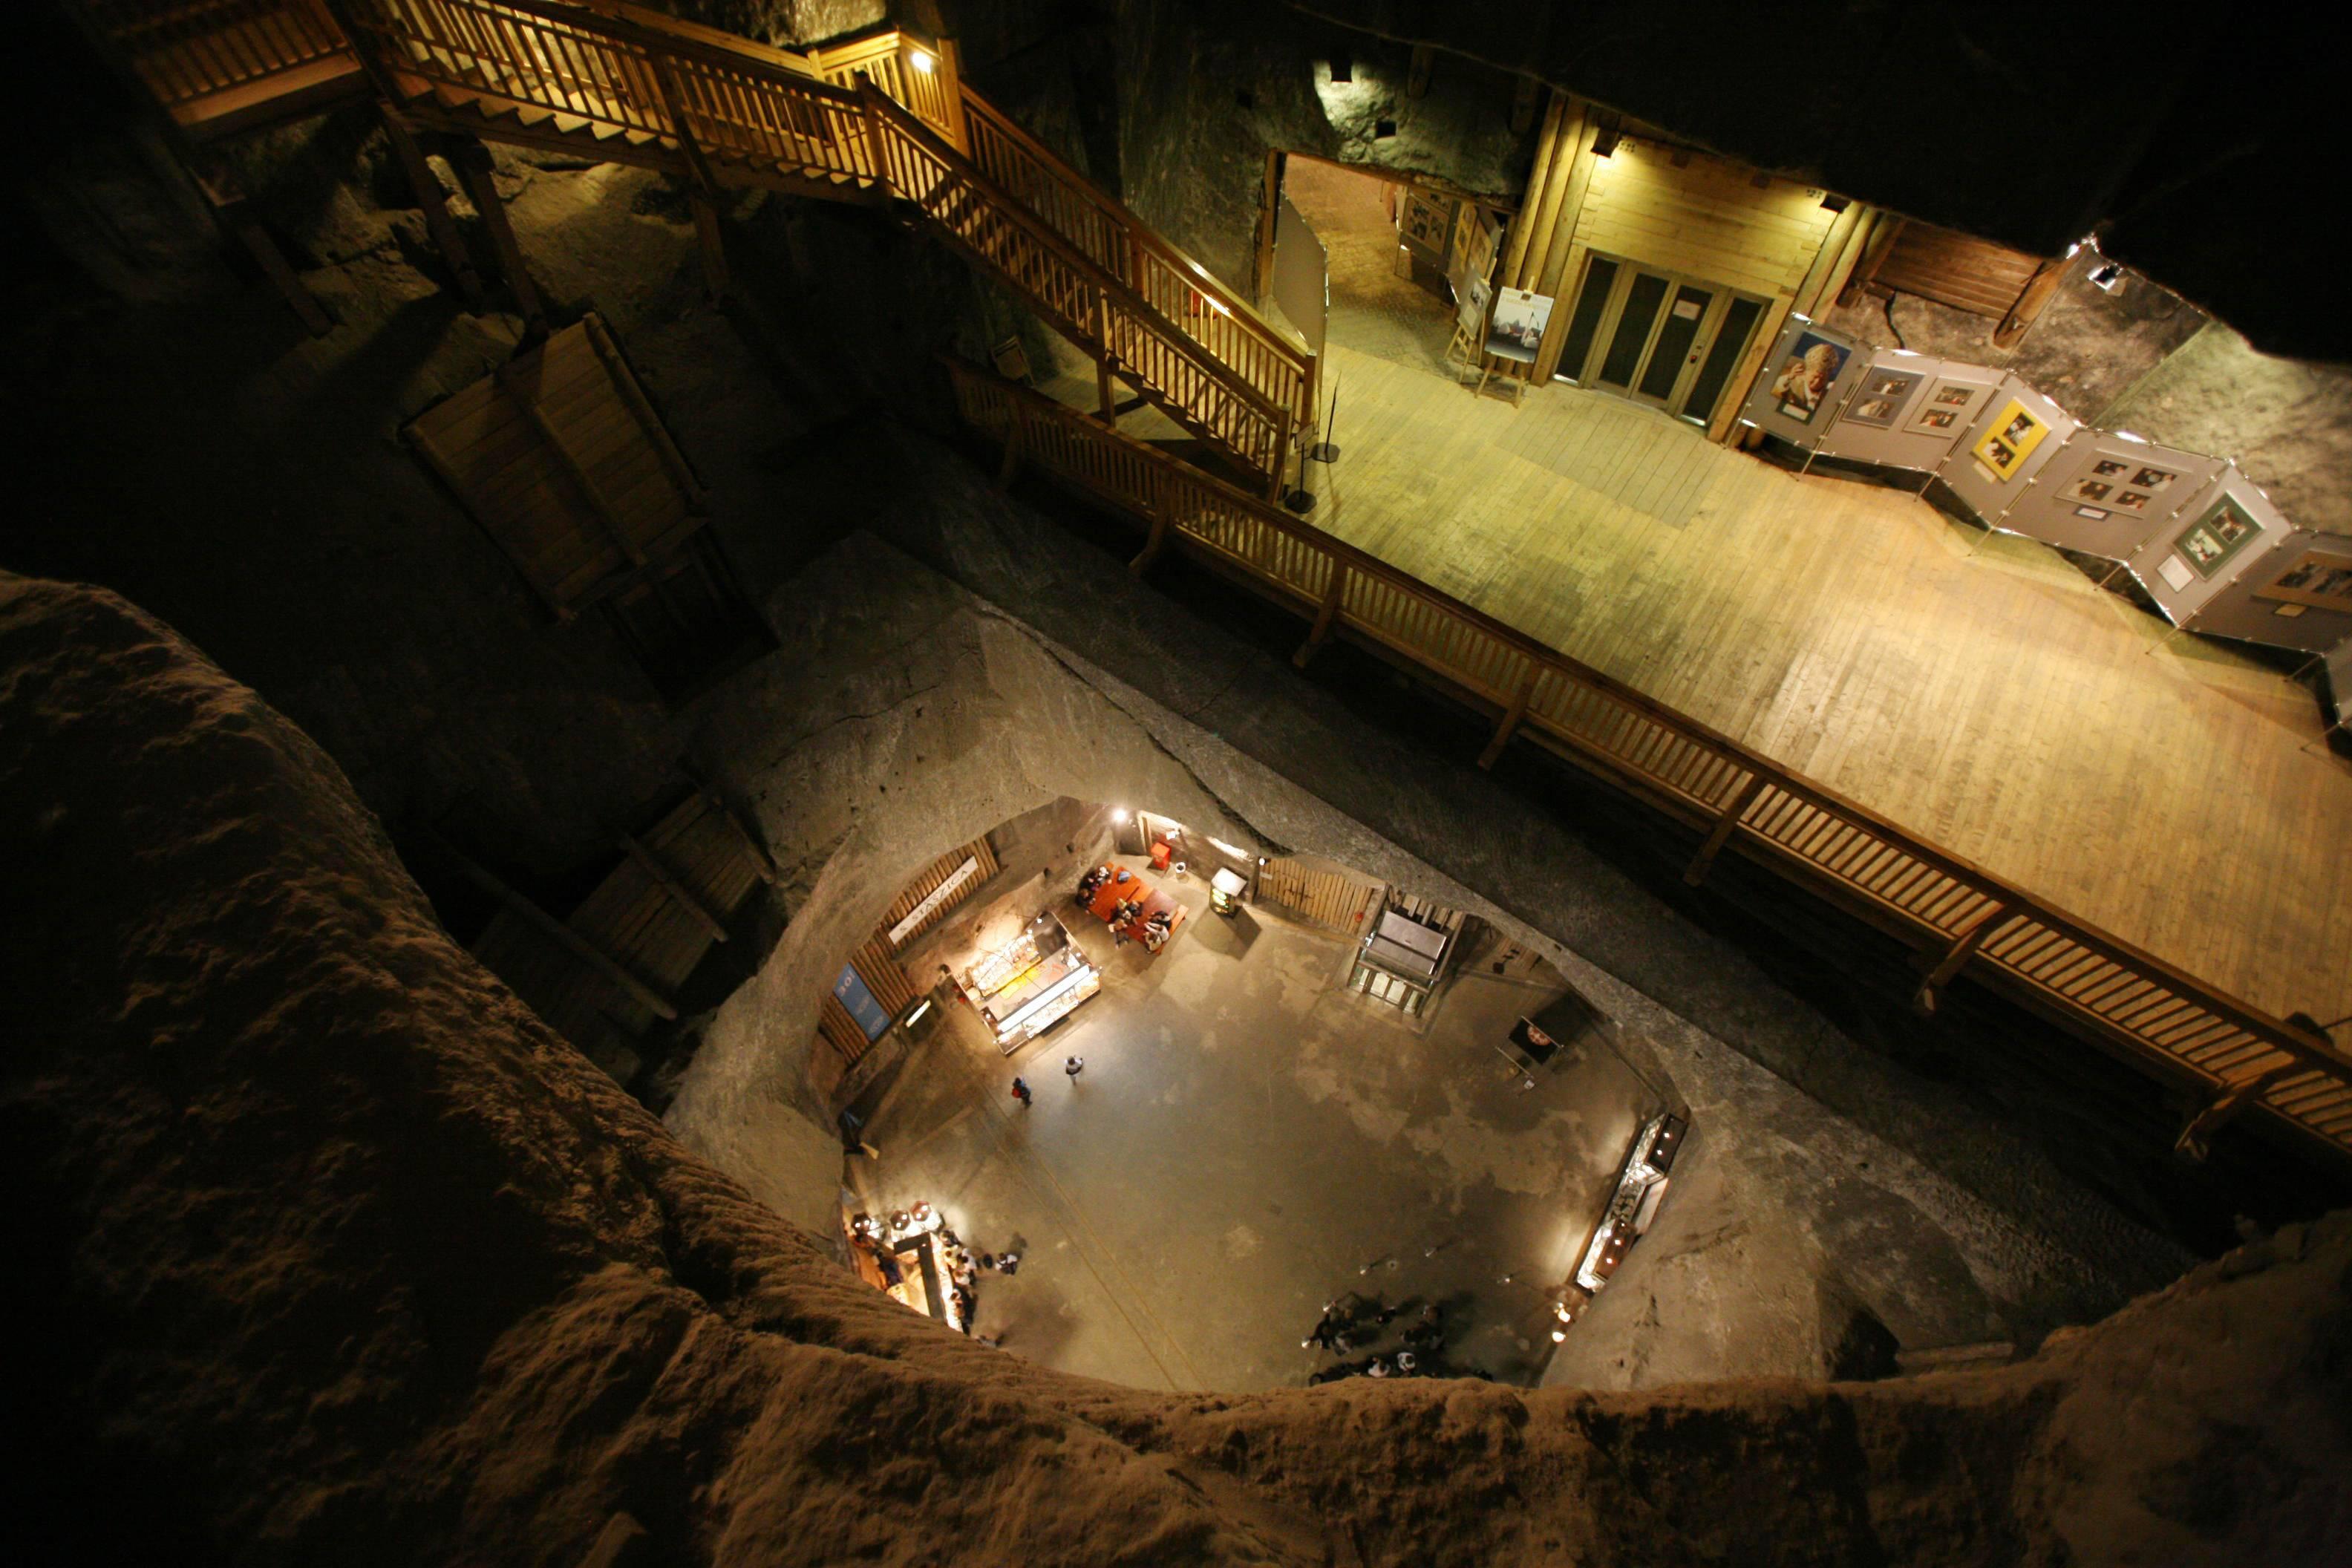 Соляная шахта «величка» в польше. официальный сайт, фото, цена билета, экскурсии, на карте, как добраться — туристер.ру